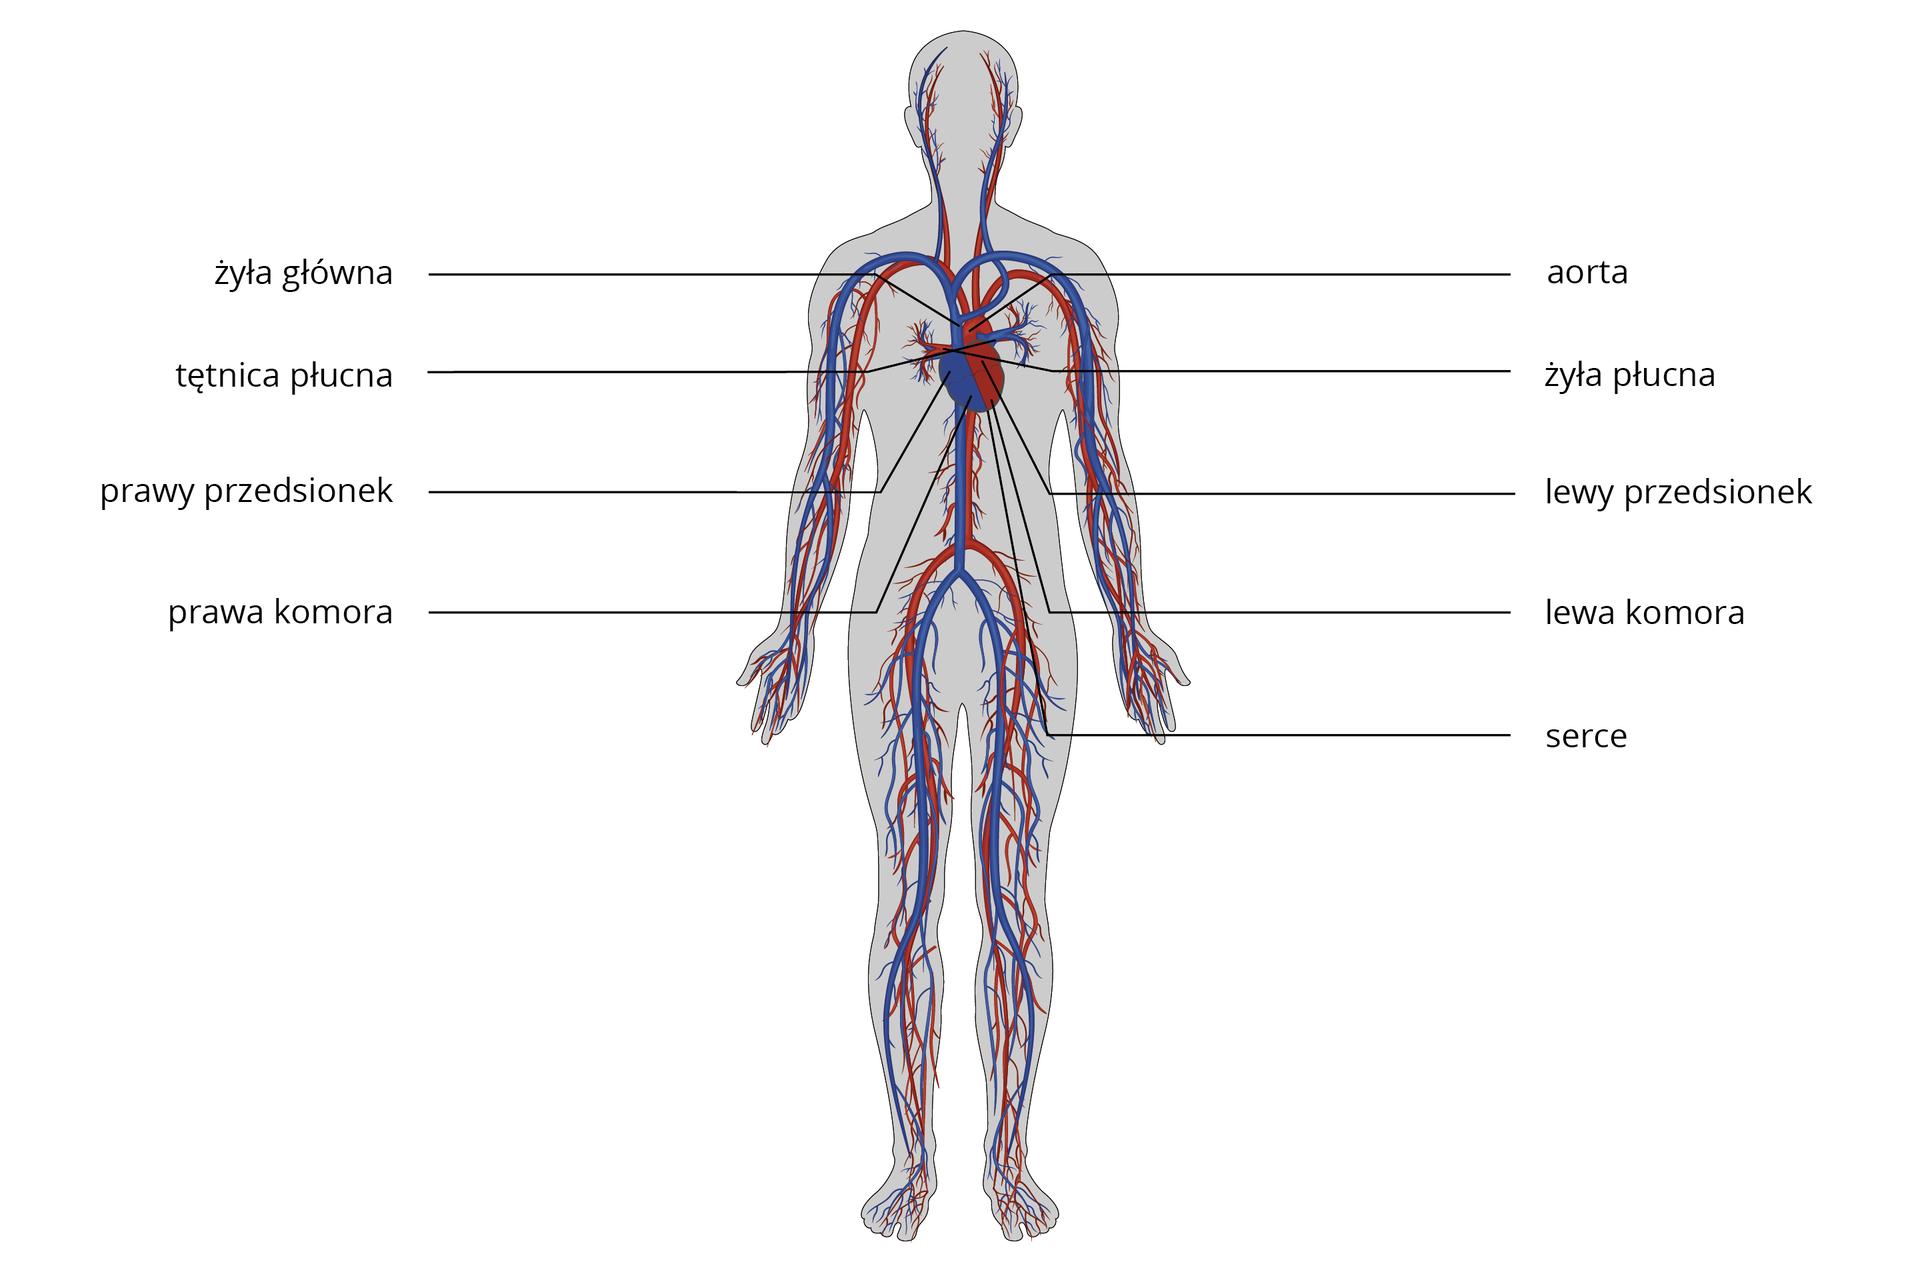 Ilustracja przedstawia budowę układu krwionośnego człowieka. Na fioletowo oznaczono tą część układu krwionośnego, gdzie jest krew odtlenowana, ana czerwono gdzie jest krew natlenowana. Wśródpiersiu znajduje się serce. Po lewej stronie sylwetki człowieka serce oznaczono na fioletowo, są to prawy przedsionek iprawa komora. Do prawego przedsionka uchodzi żyła główna, azkomory prawej wychodzi tętnica płucna. Po prawej stronie sylwetki człowieka serce oznaczono na czerwono, są to lewy przedsionek ilewa komora. Do prawego przedsionka uchodzi żyła płucna, azkomory prawej wychodzi aorta.